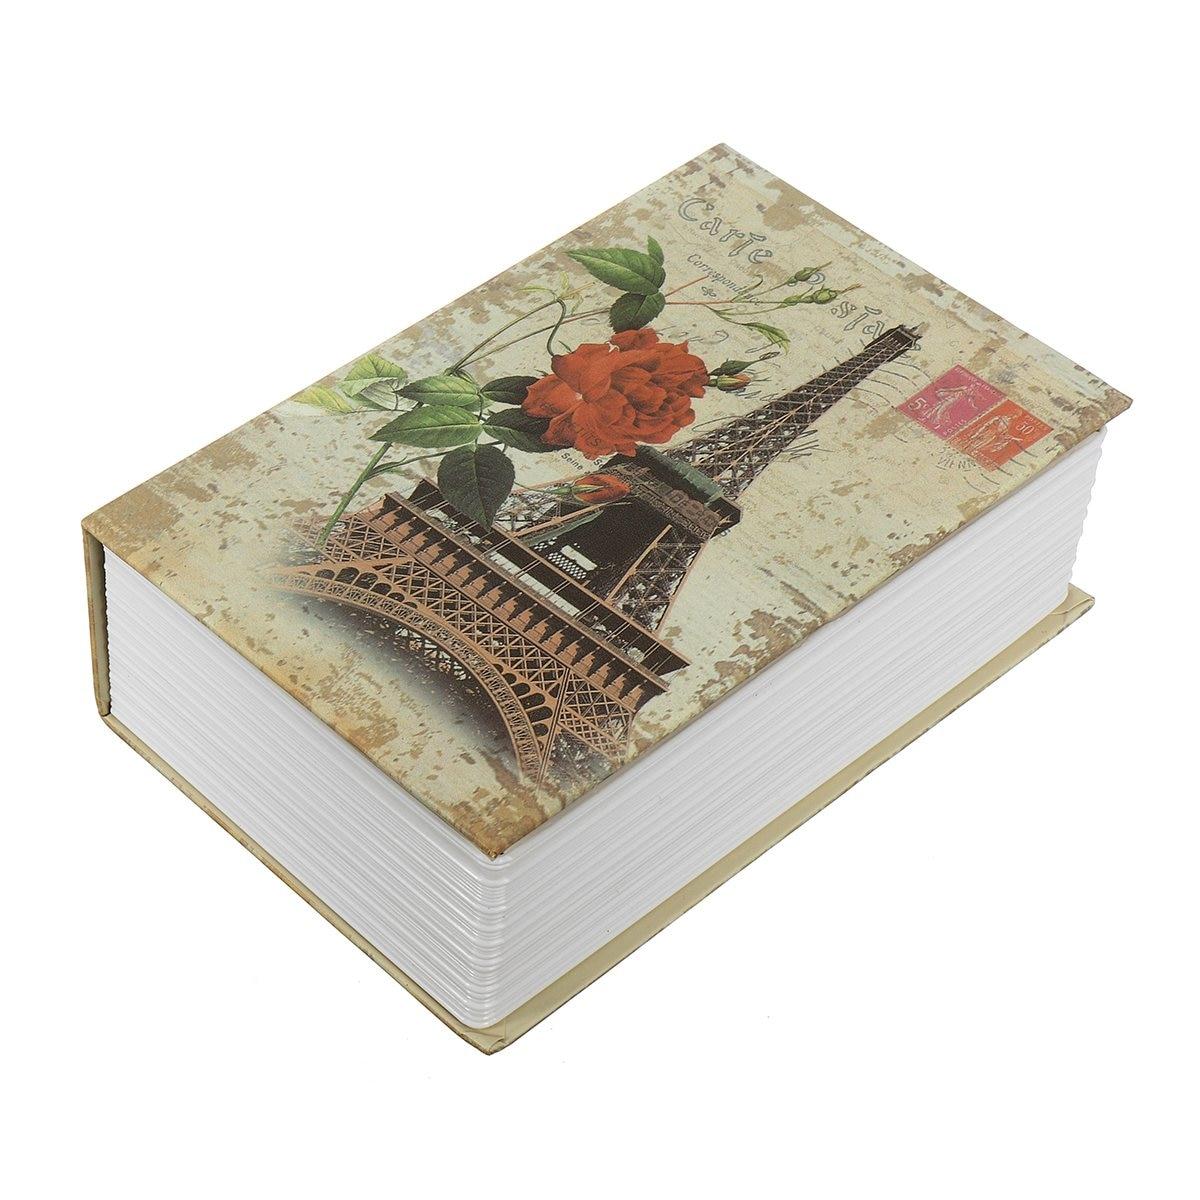 Nueva seguro mini Home seguridad diccionario libro efectivo joyería clave de almacenamiento caja de bloqueo protección de la seguridad del hogar